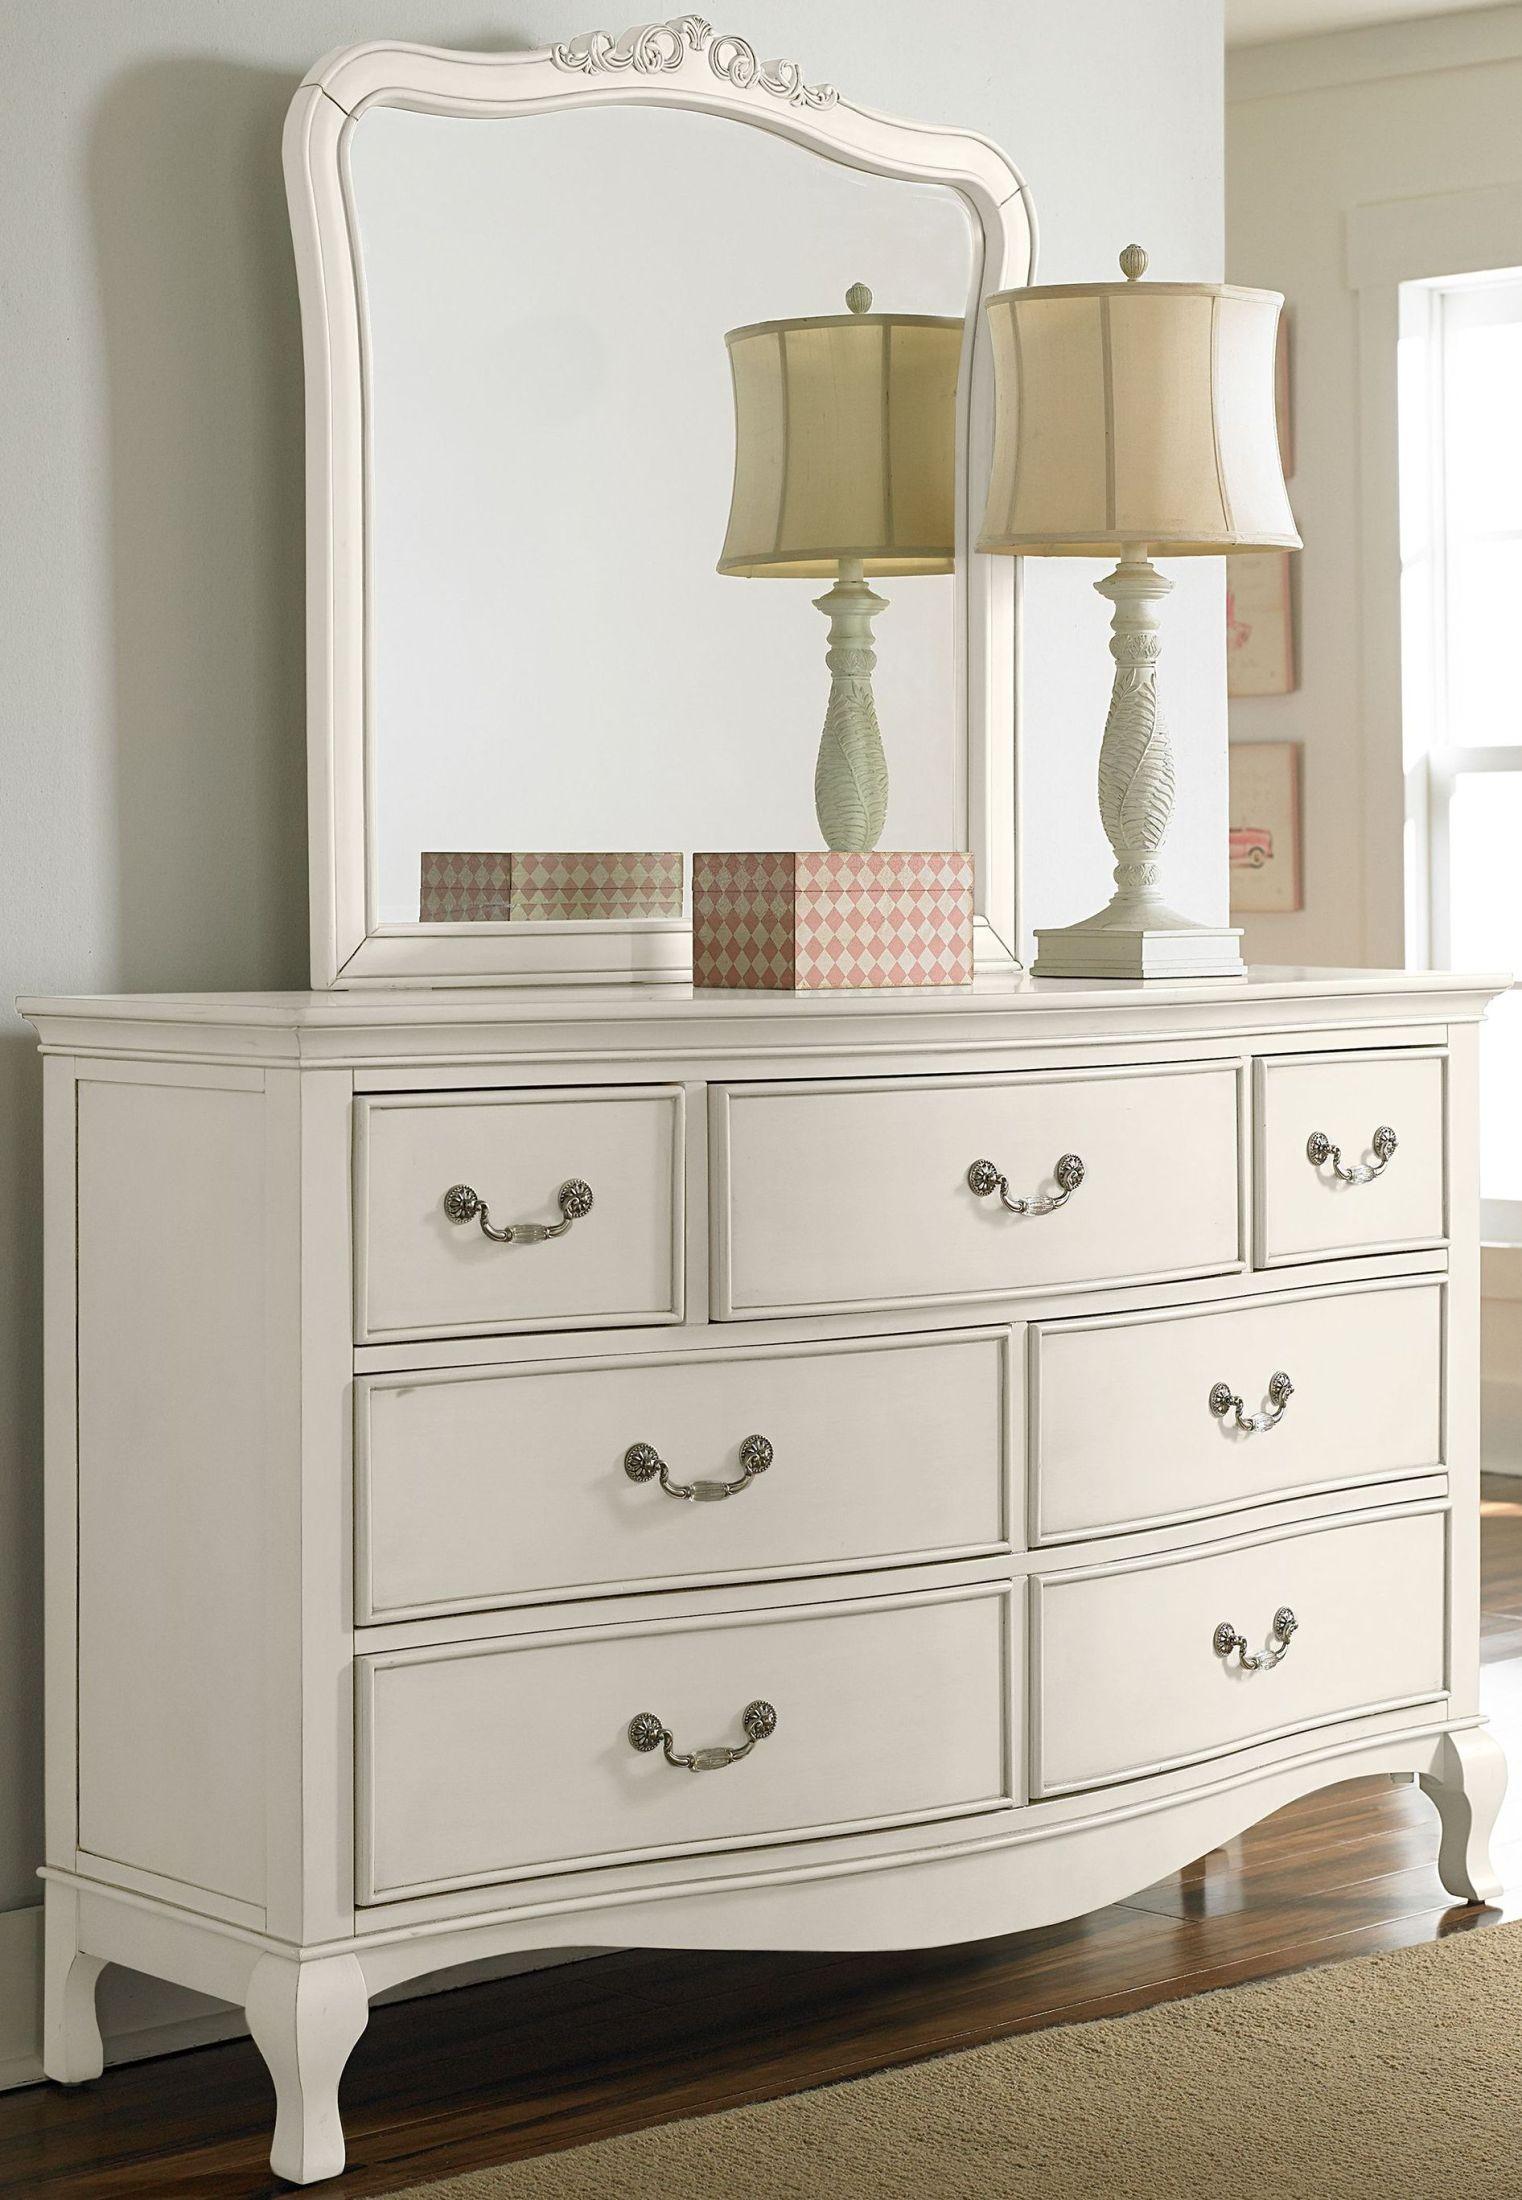 kensington antique white katherine upholstered youth panel bedroom set 20020n ne kids. Black Bedroom Furniture Sets. Home Design Ideas